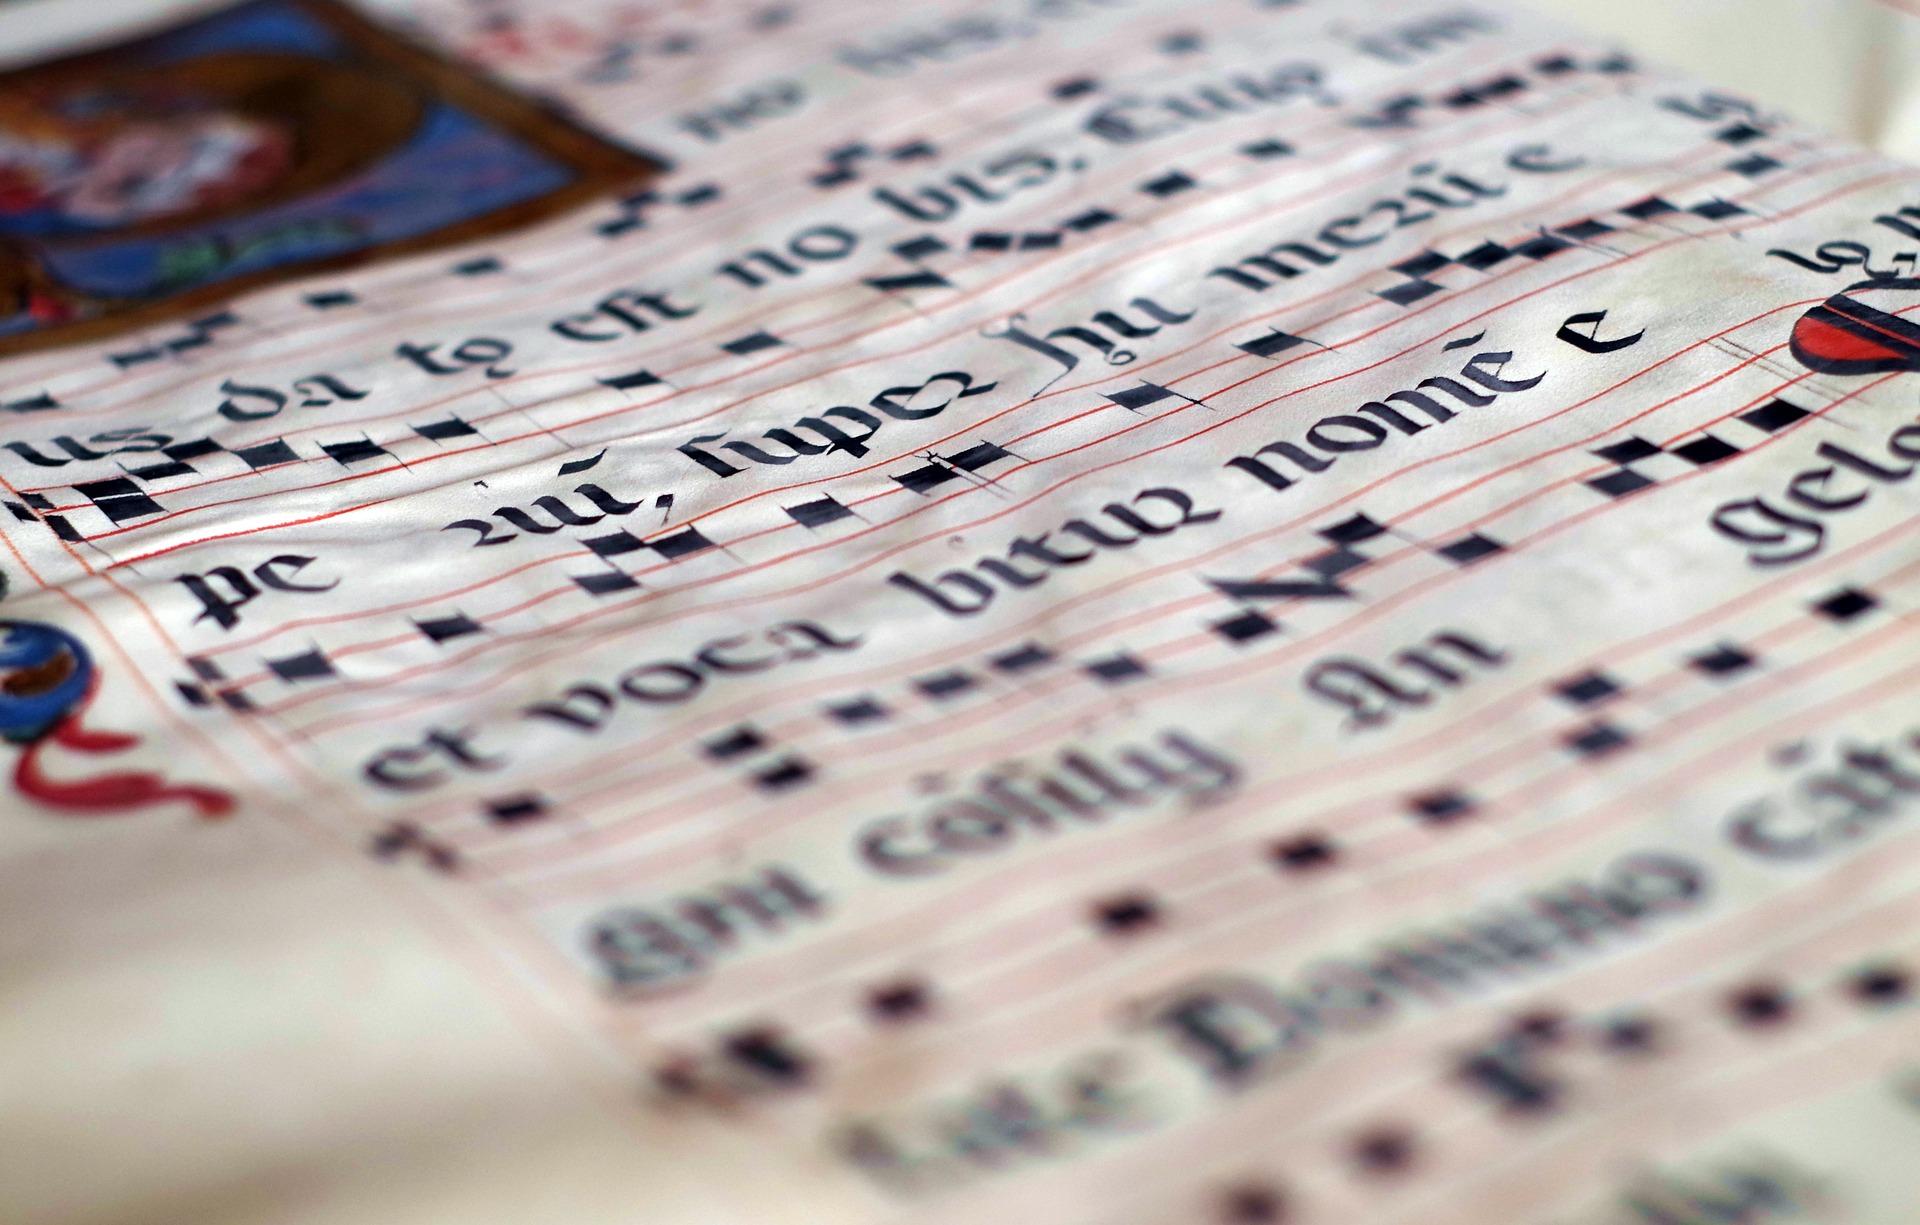 Te kolędy śpiewają wszyscy, ale czy wiesz, co tak naprawdę oznaczają ich słowa?